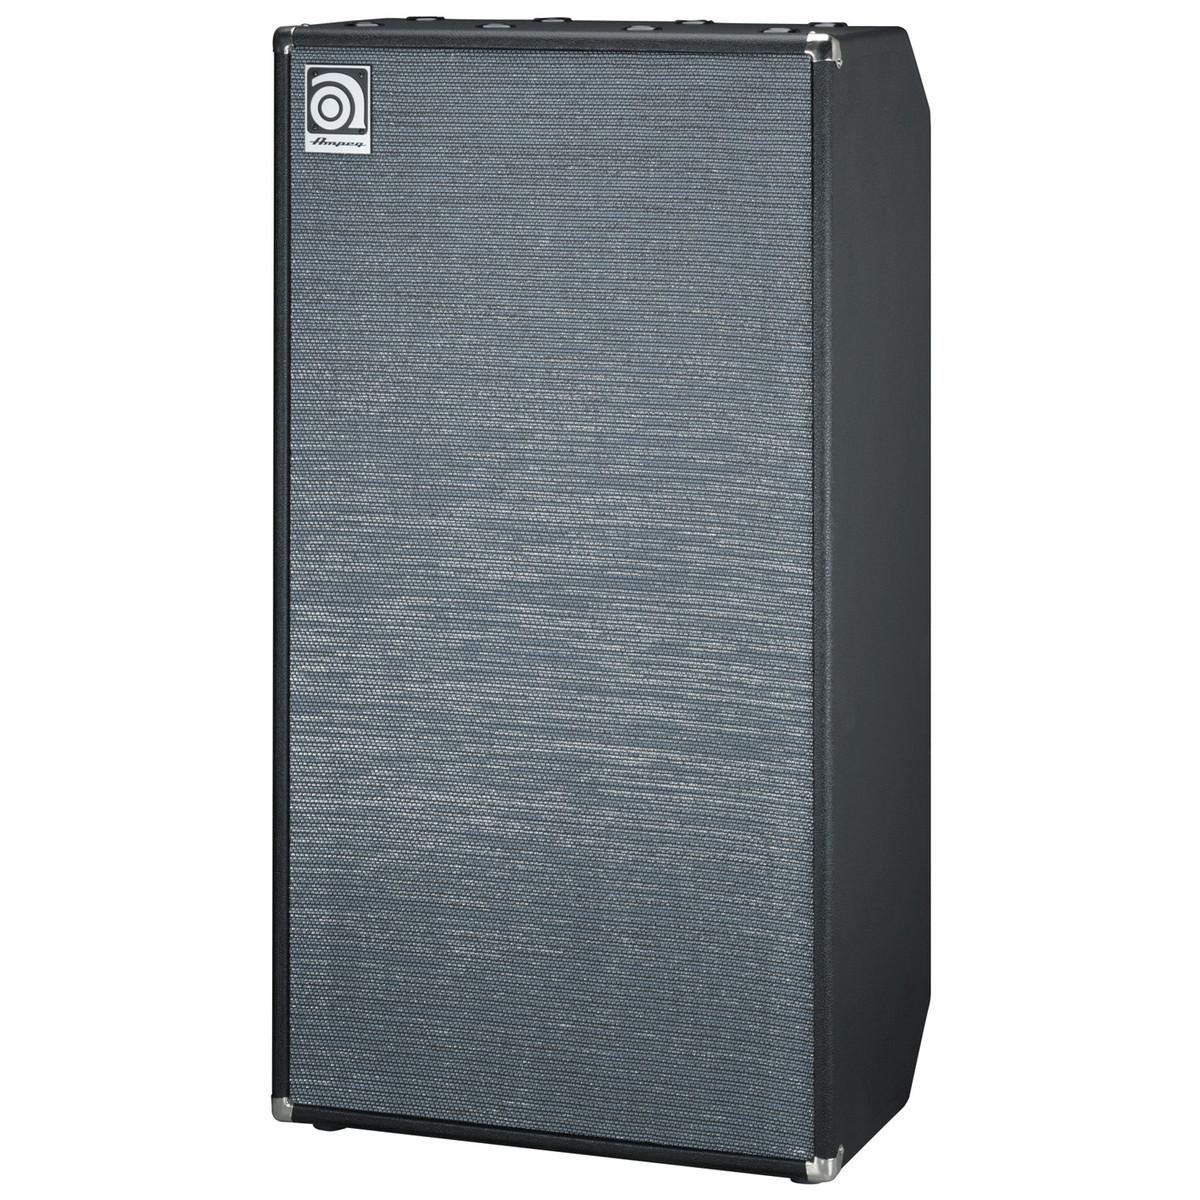 Ampeg SVT-810AV 8 x 10'' Speaker Cabinet, VR at Gear4music.com